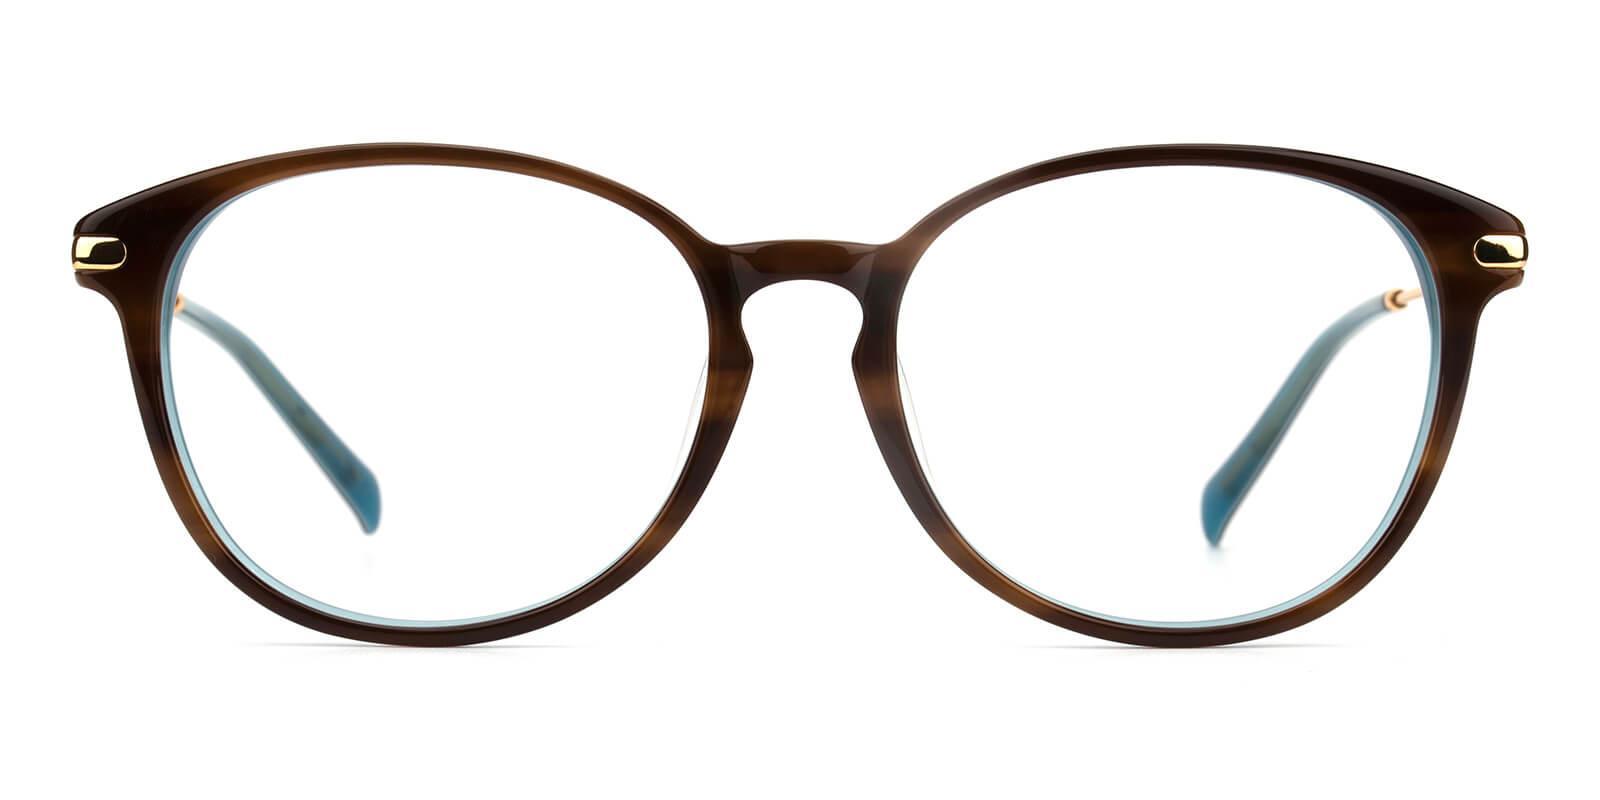 Hindoom-Tortoise-Round-Acetate-Eyeglasses-additional2